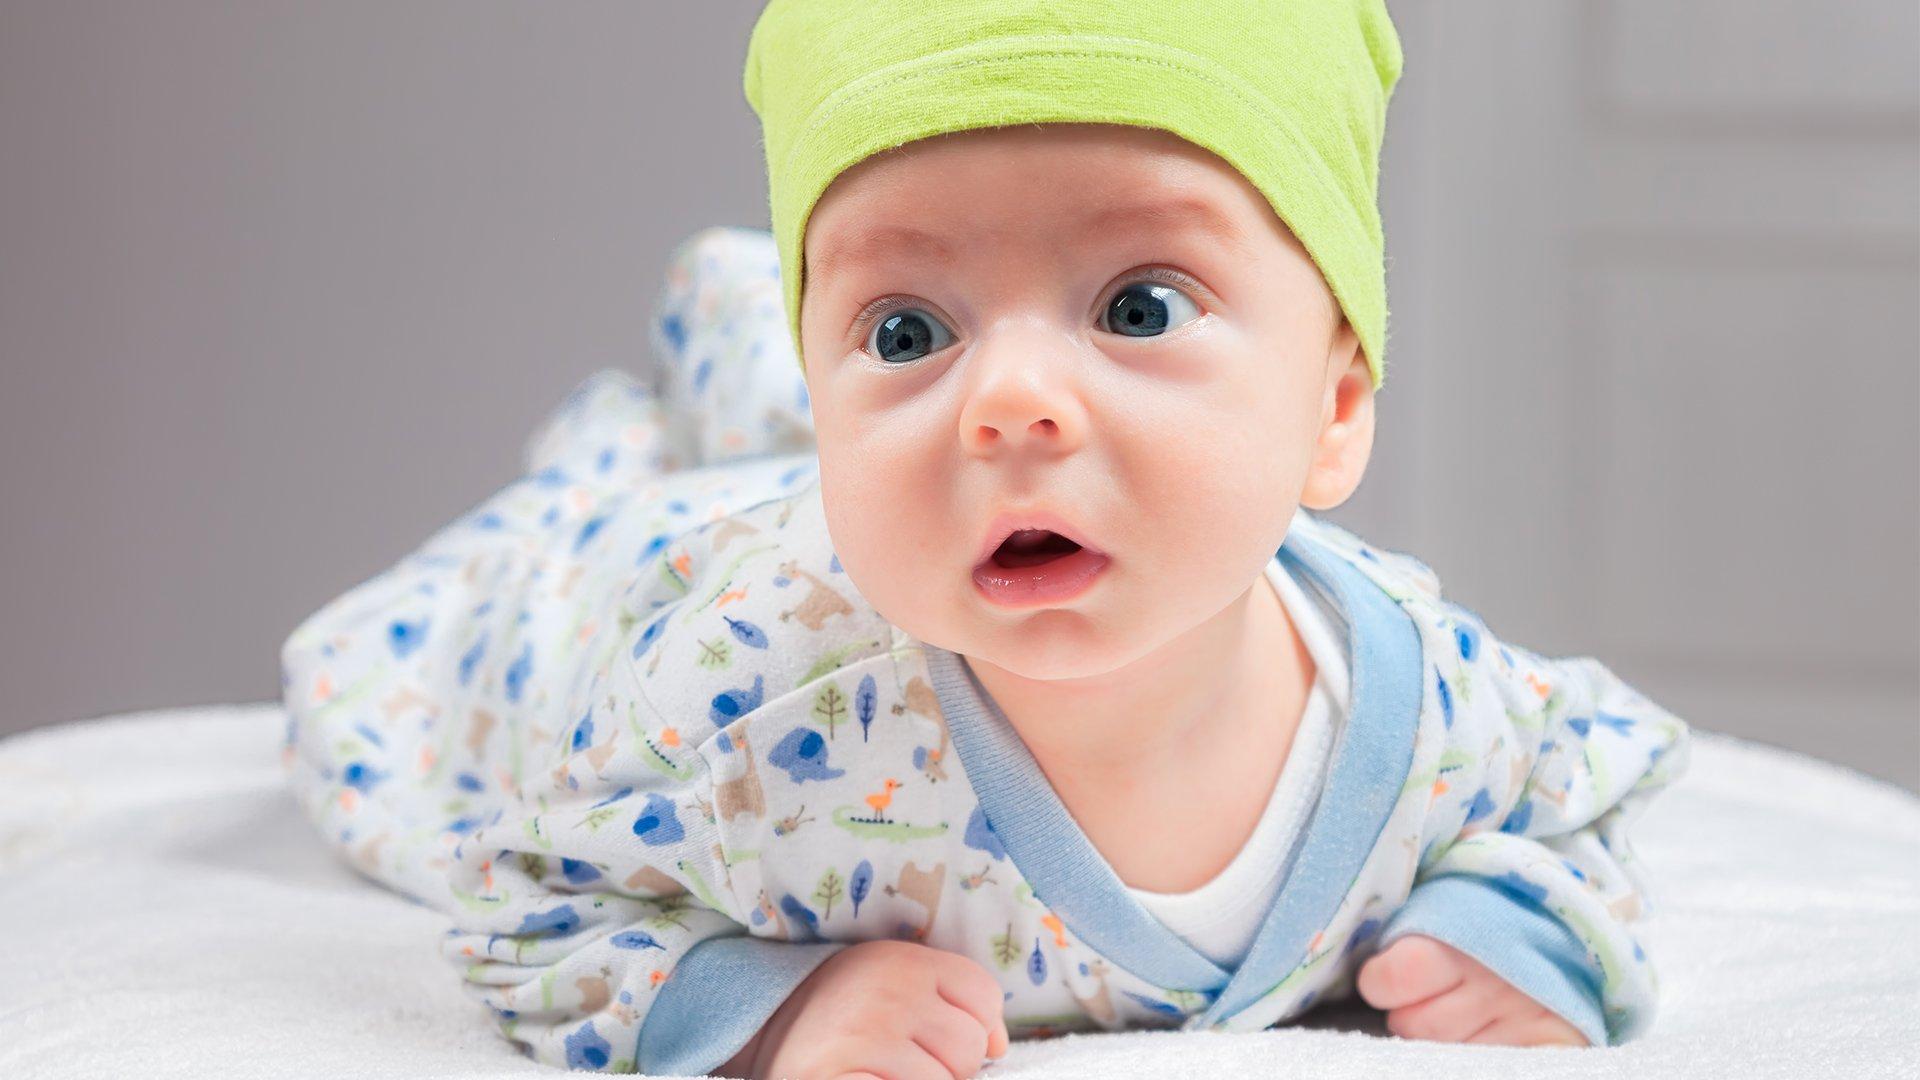 İkinci bir çocuğa hamile kalamam. Neden ikinci bir çocuğa hamile kalamıyorum